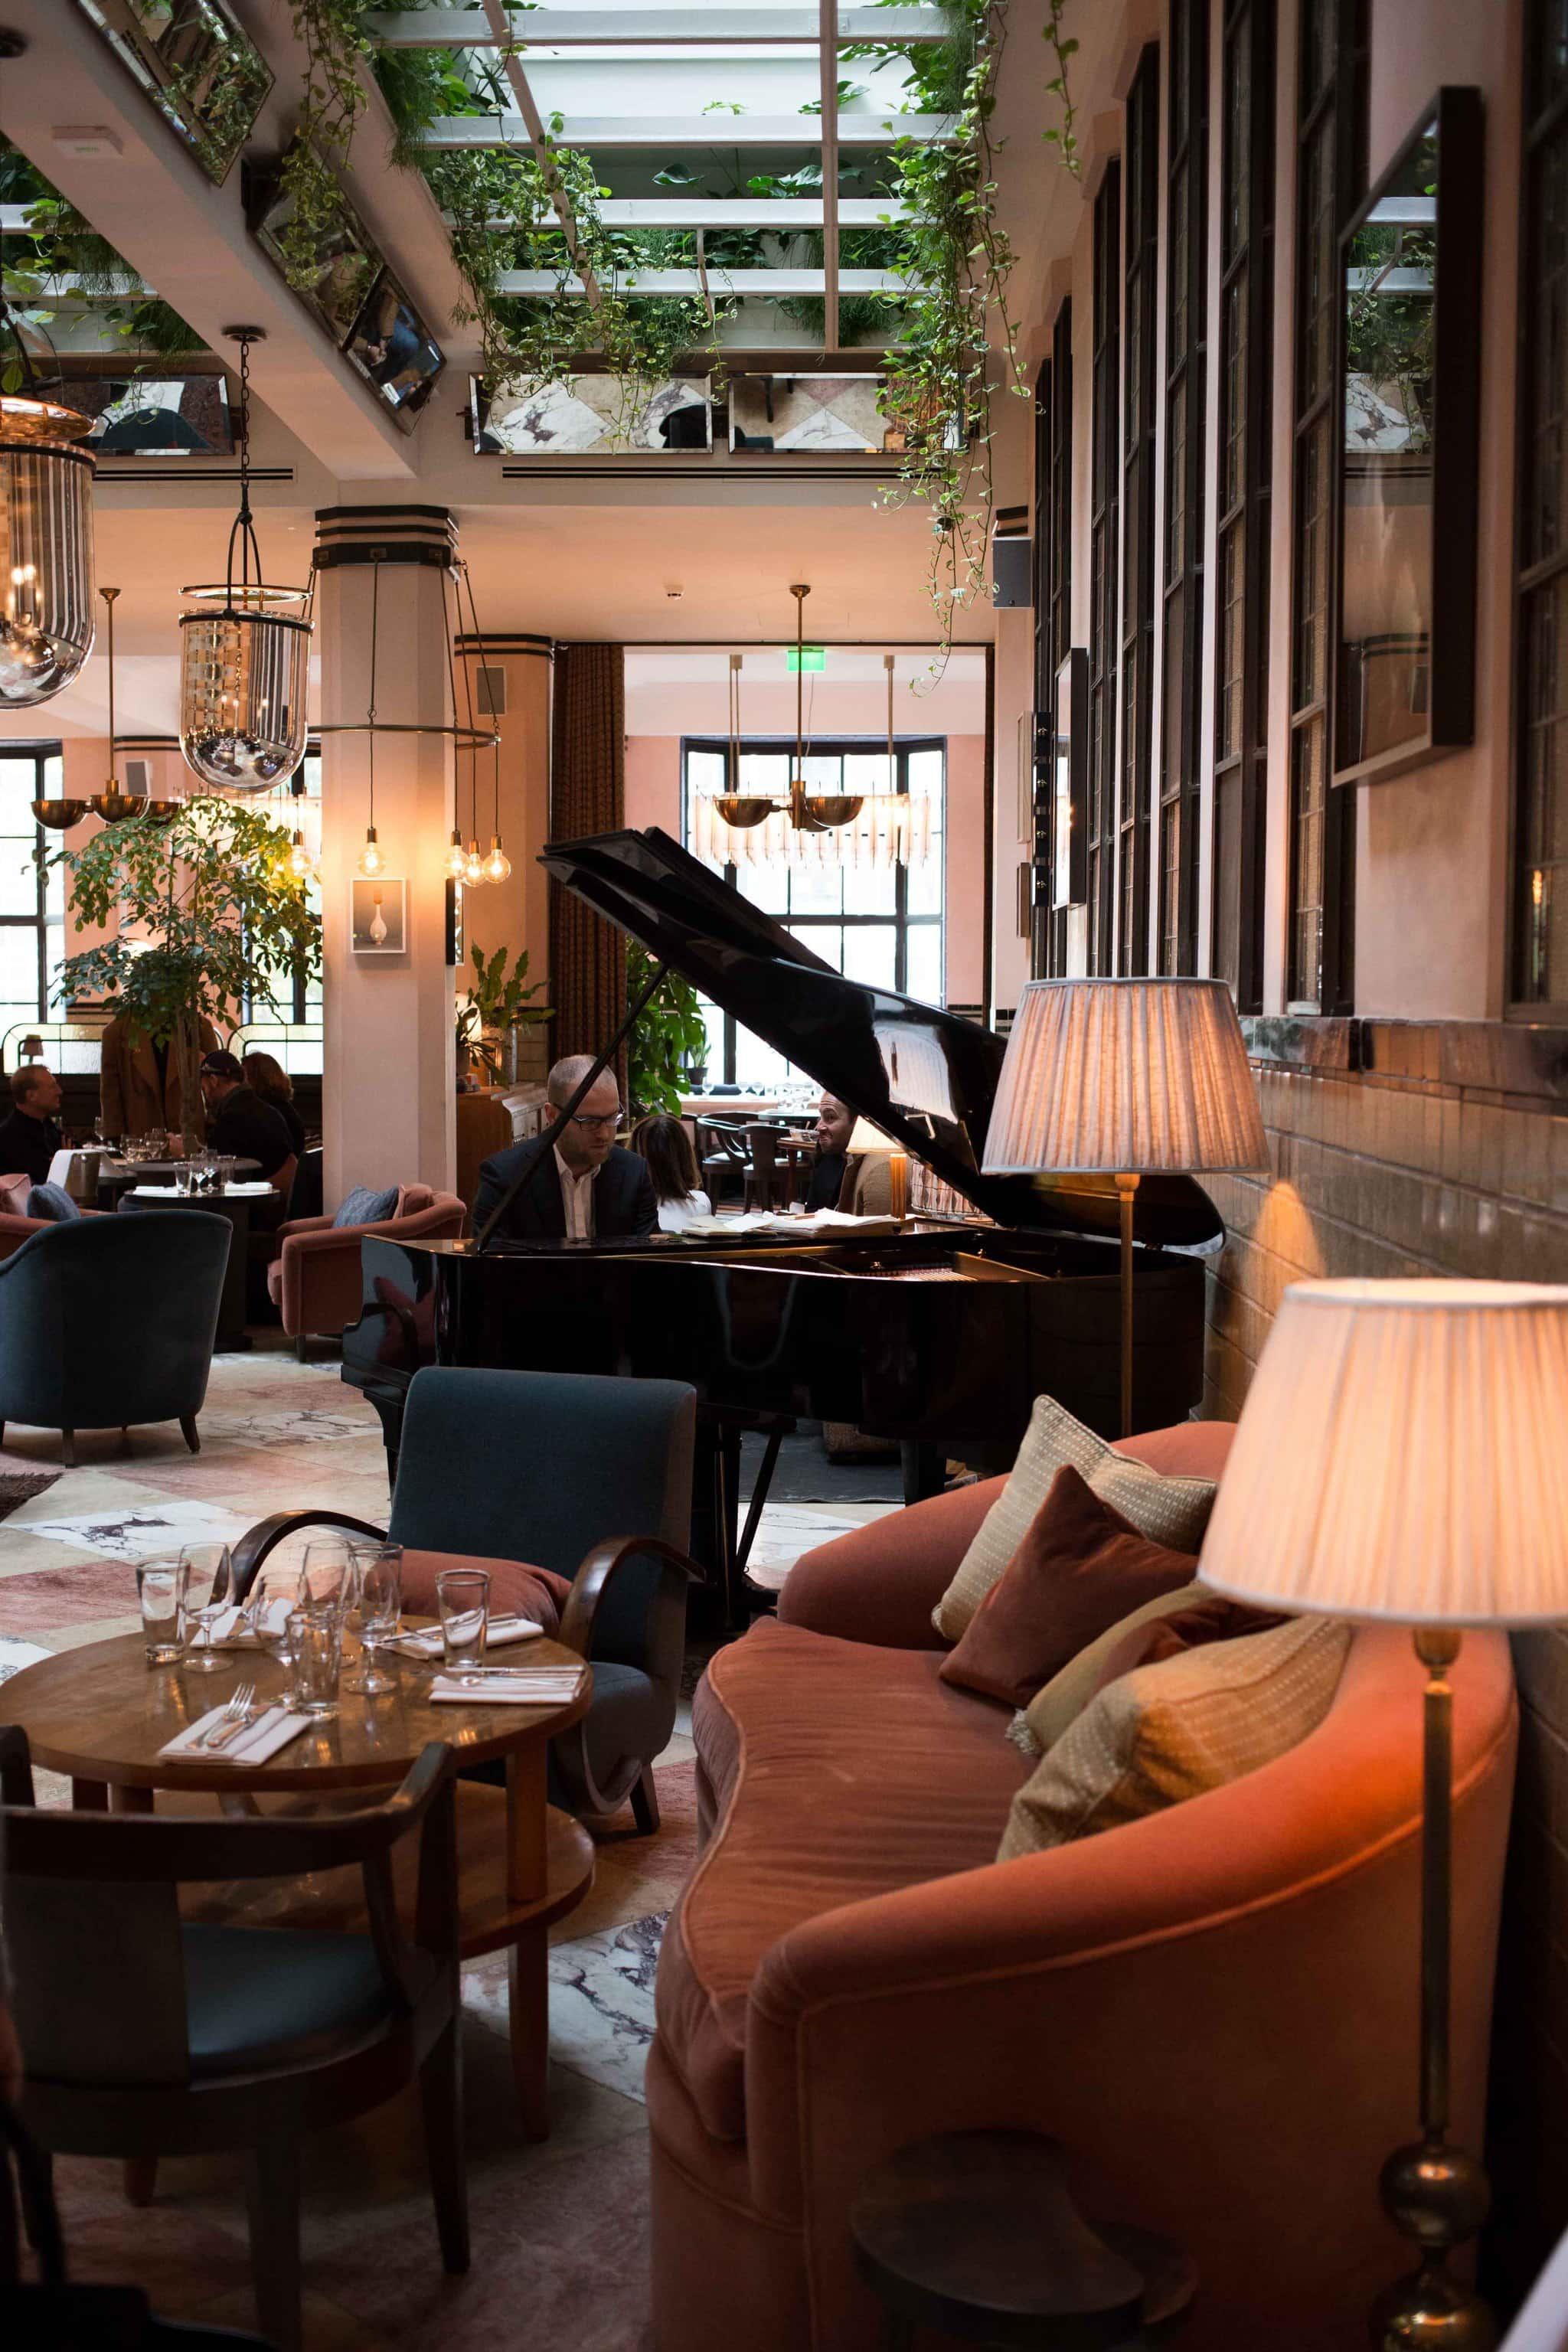 cecconis amsterdam 1 - Culinessa tips: Restaurant Cecconi's Amsterdam